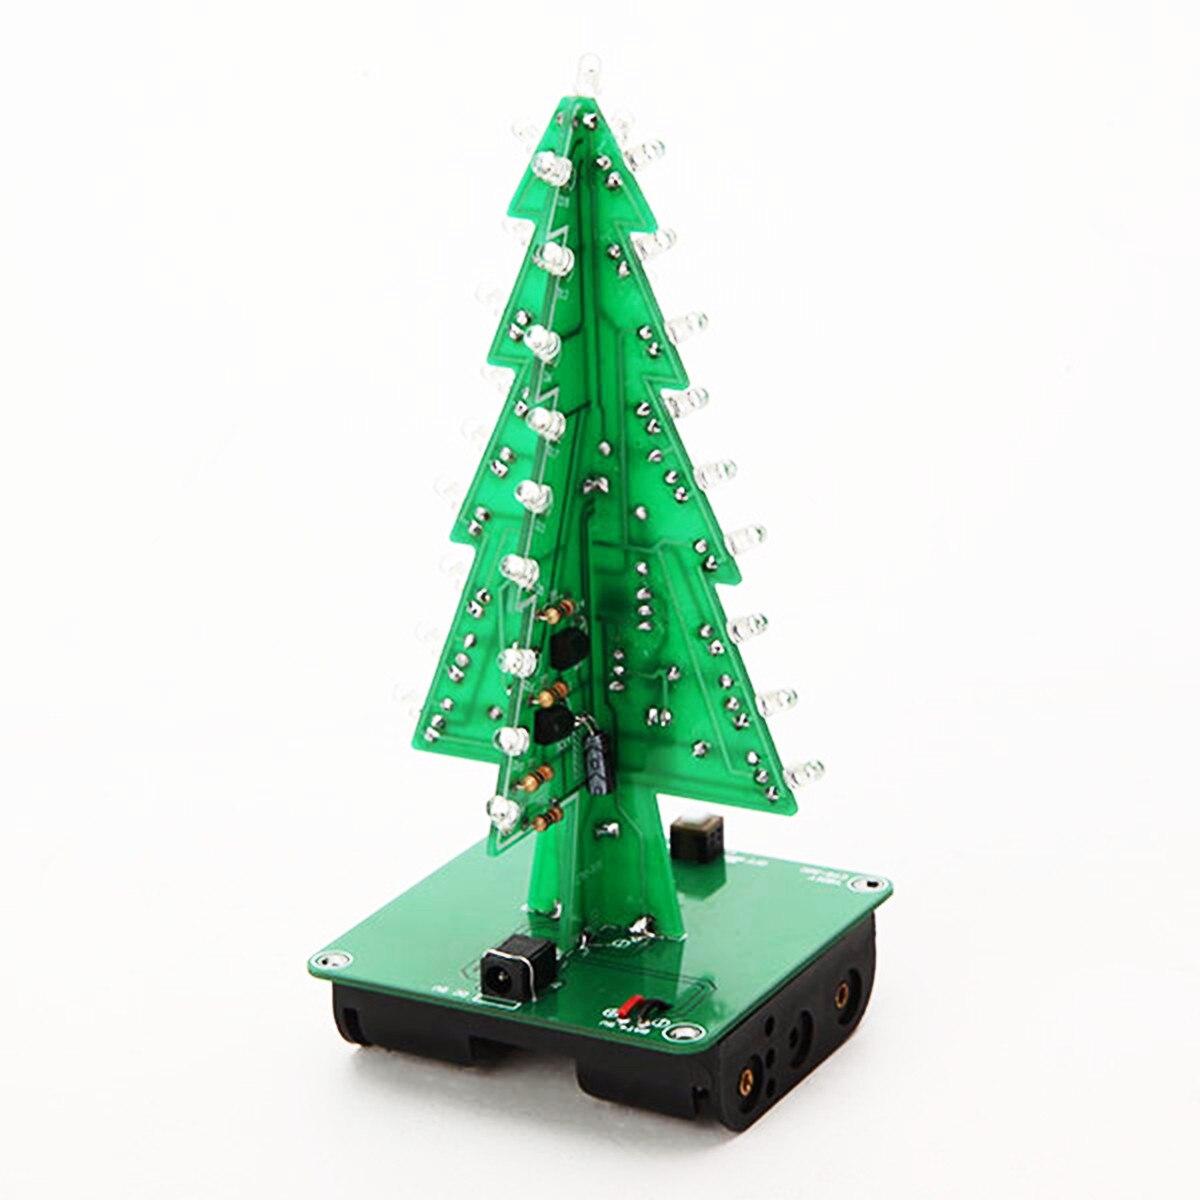 Assembled Christmas Tree LED Flash Module 3D LED Flash Light Device